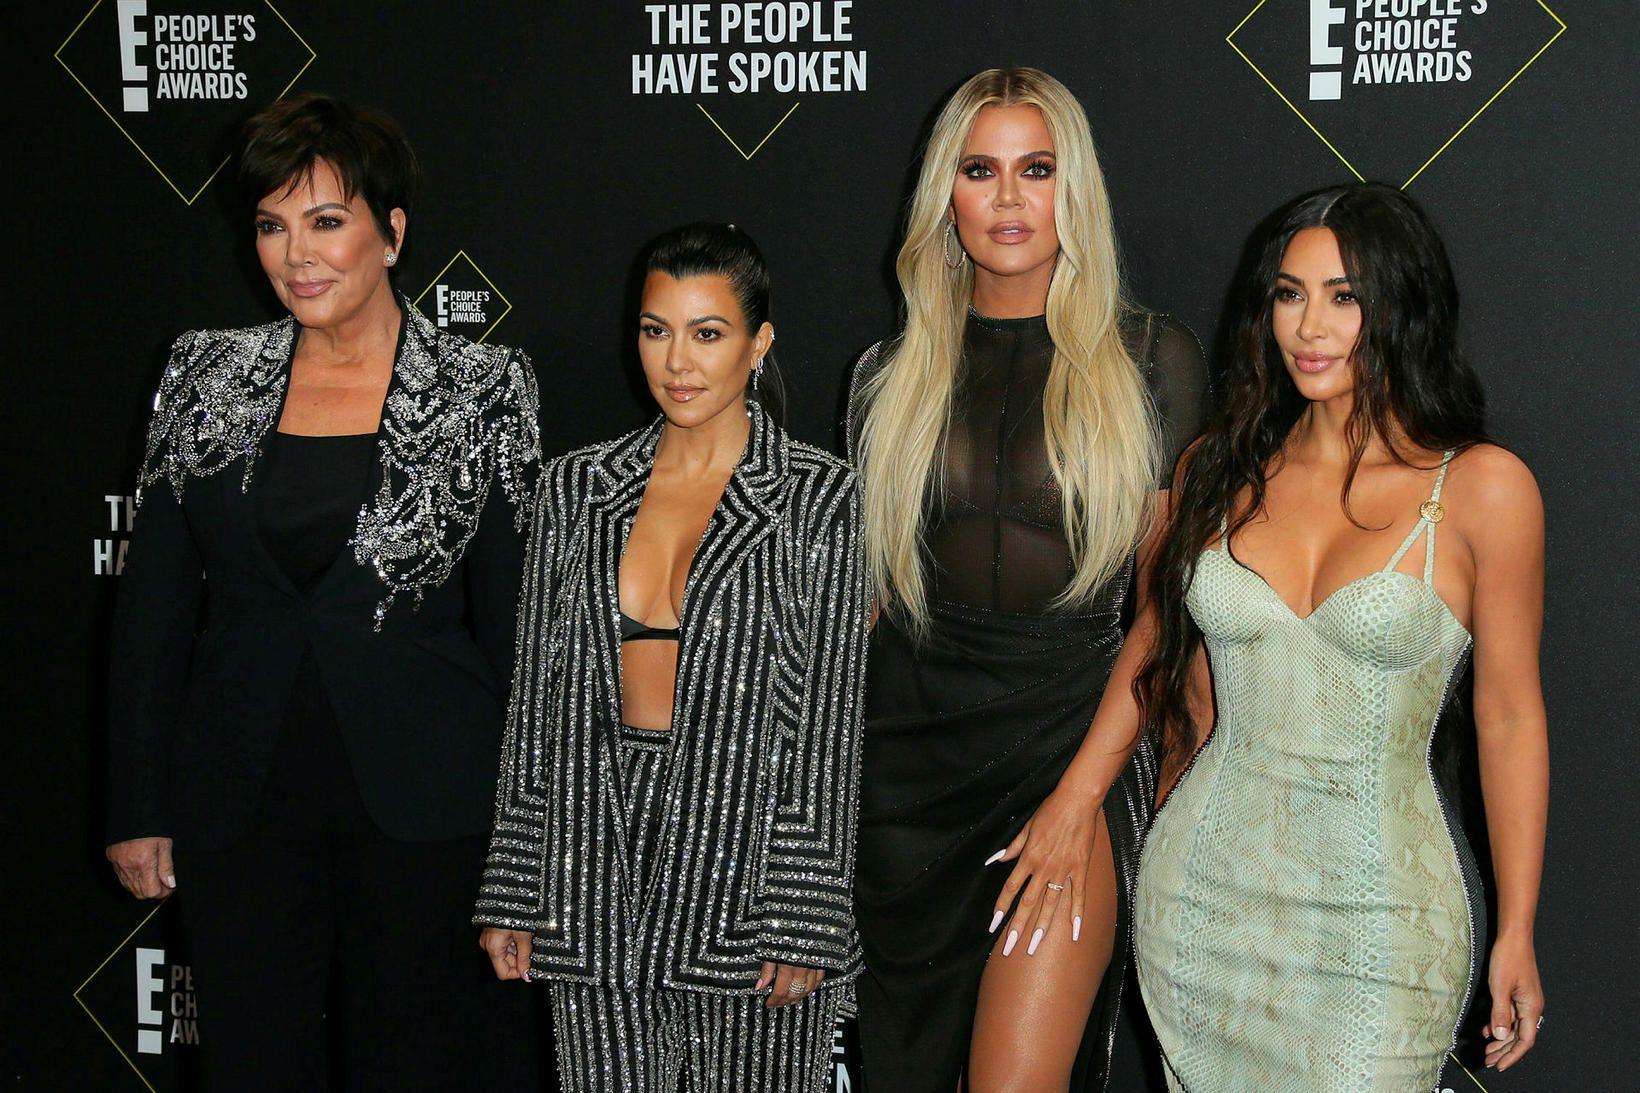 Kourtney, Khloé, Kim Kardashian hér ásamt móður þeirra Kris Jenner.